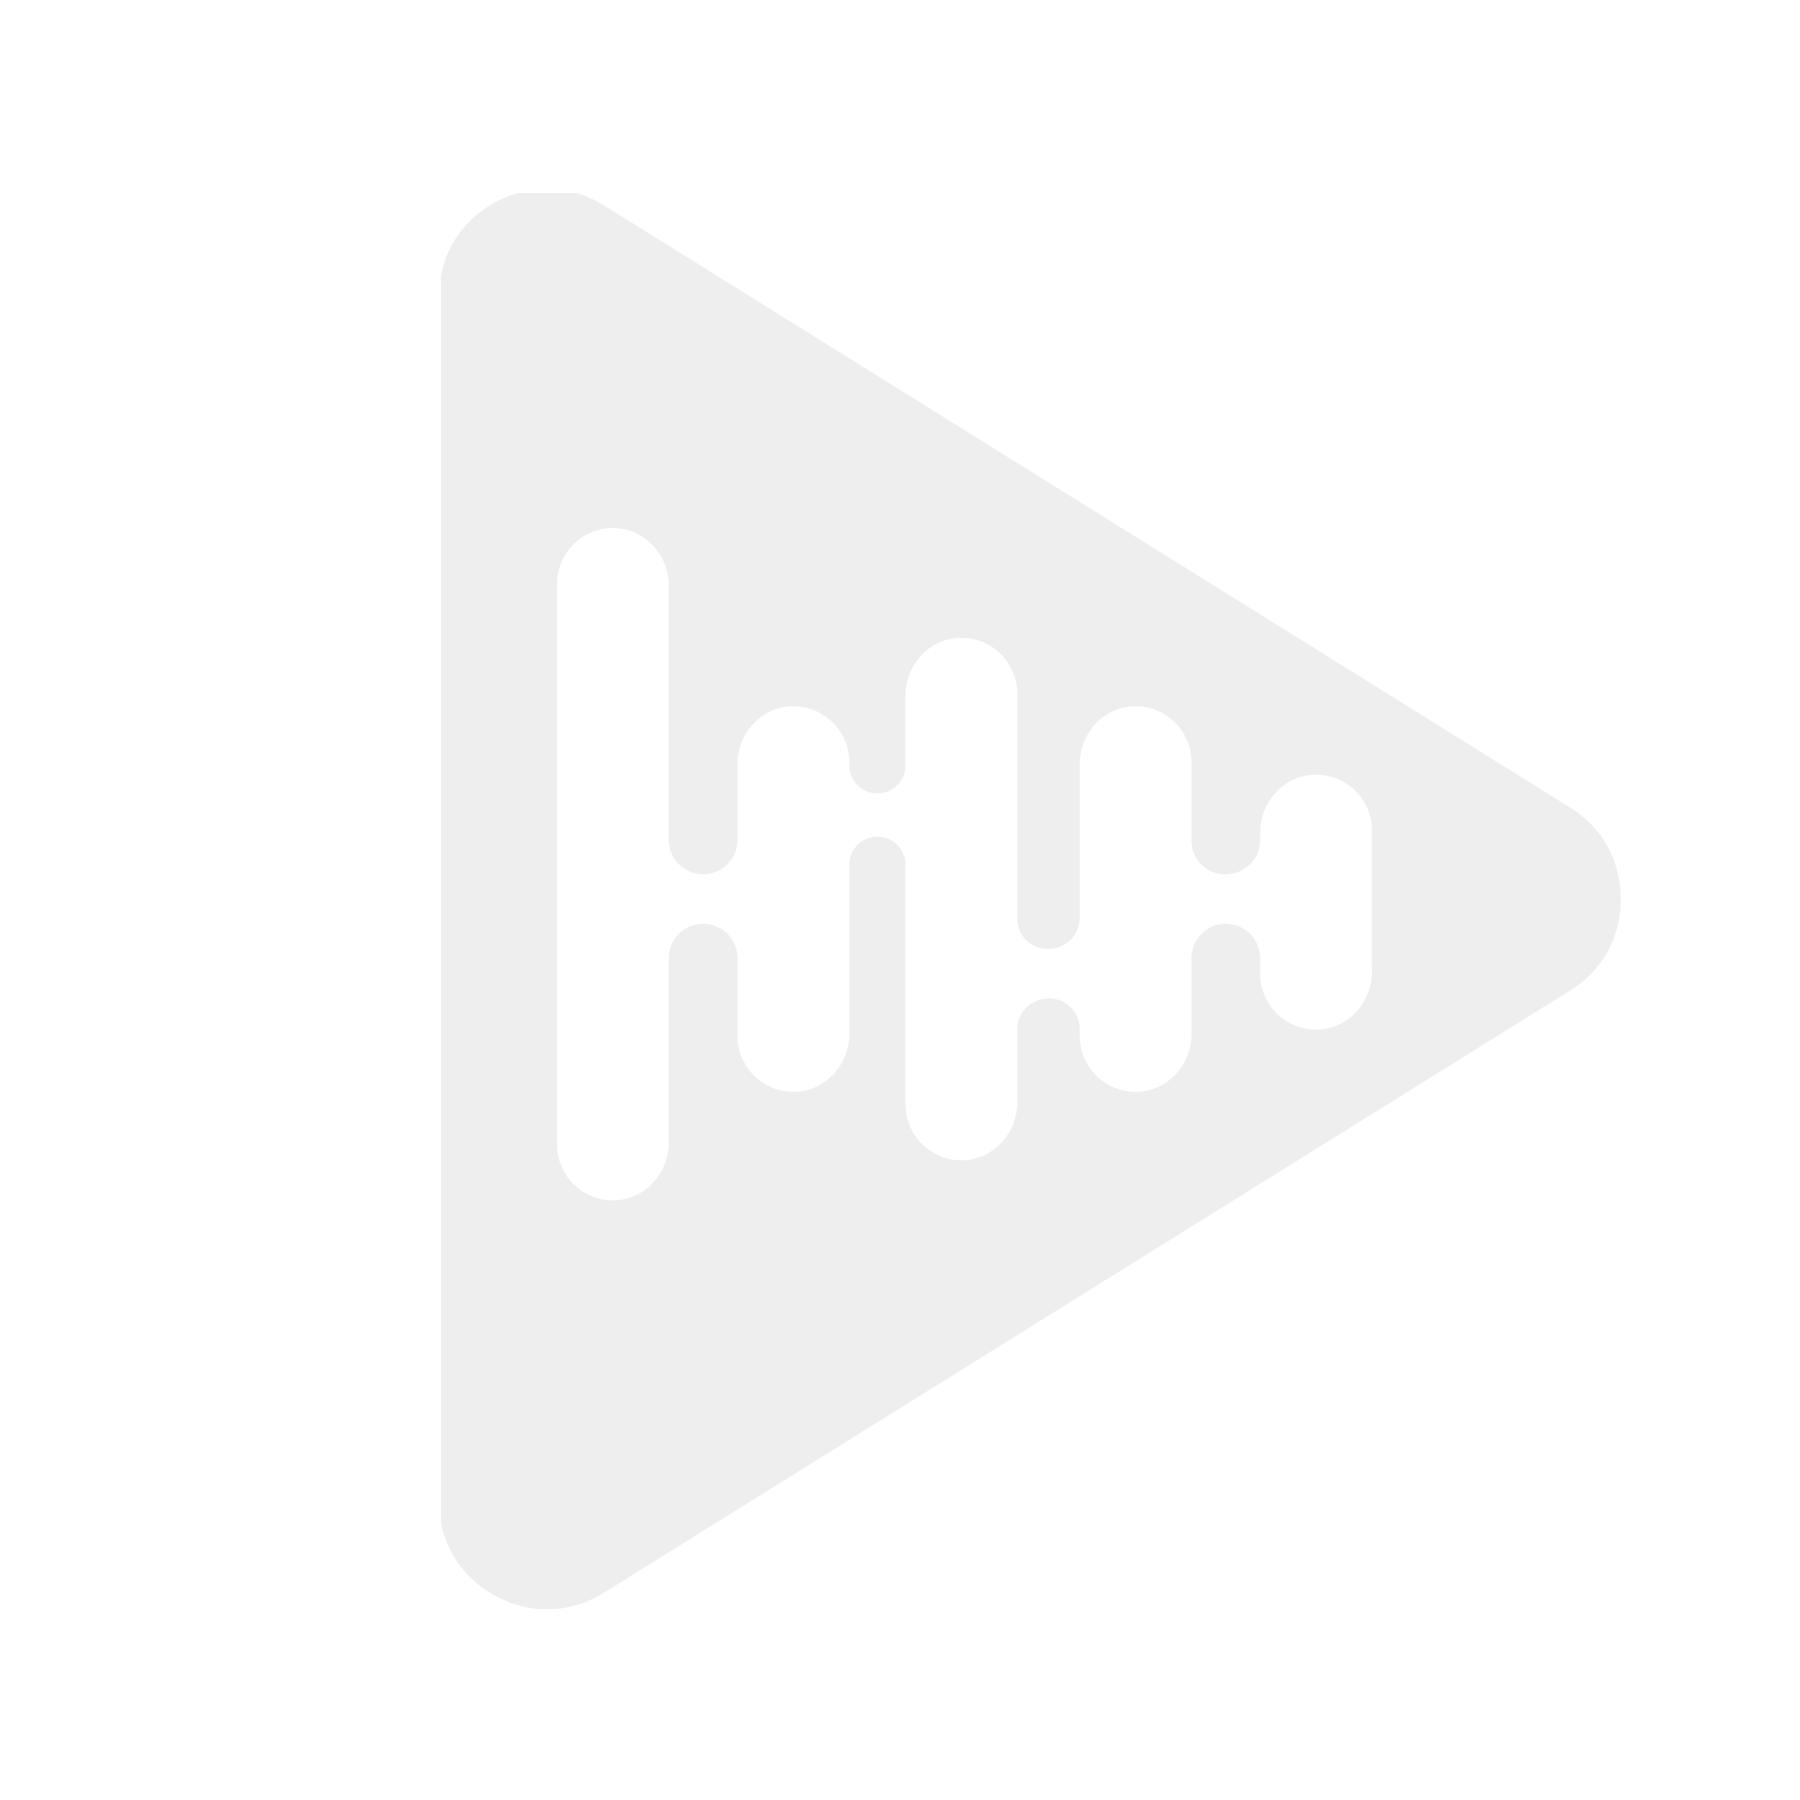 Klipsch 1000326 - HF, Diskant til Rx-6x I, Rx-8x I, stk